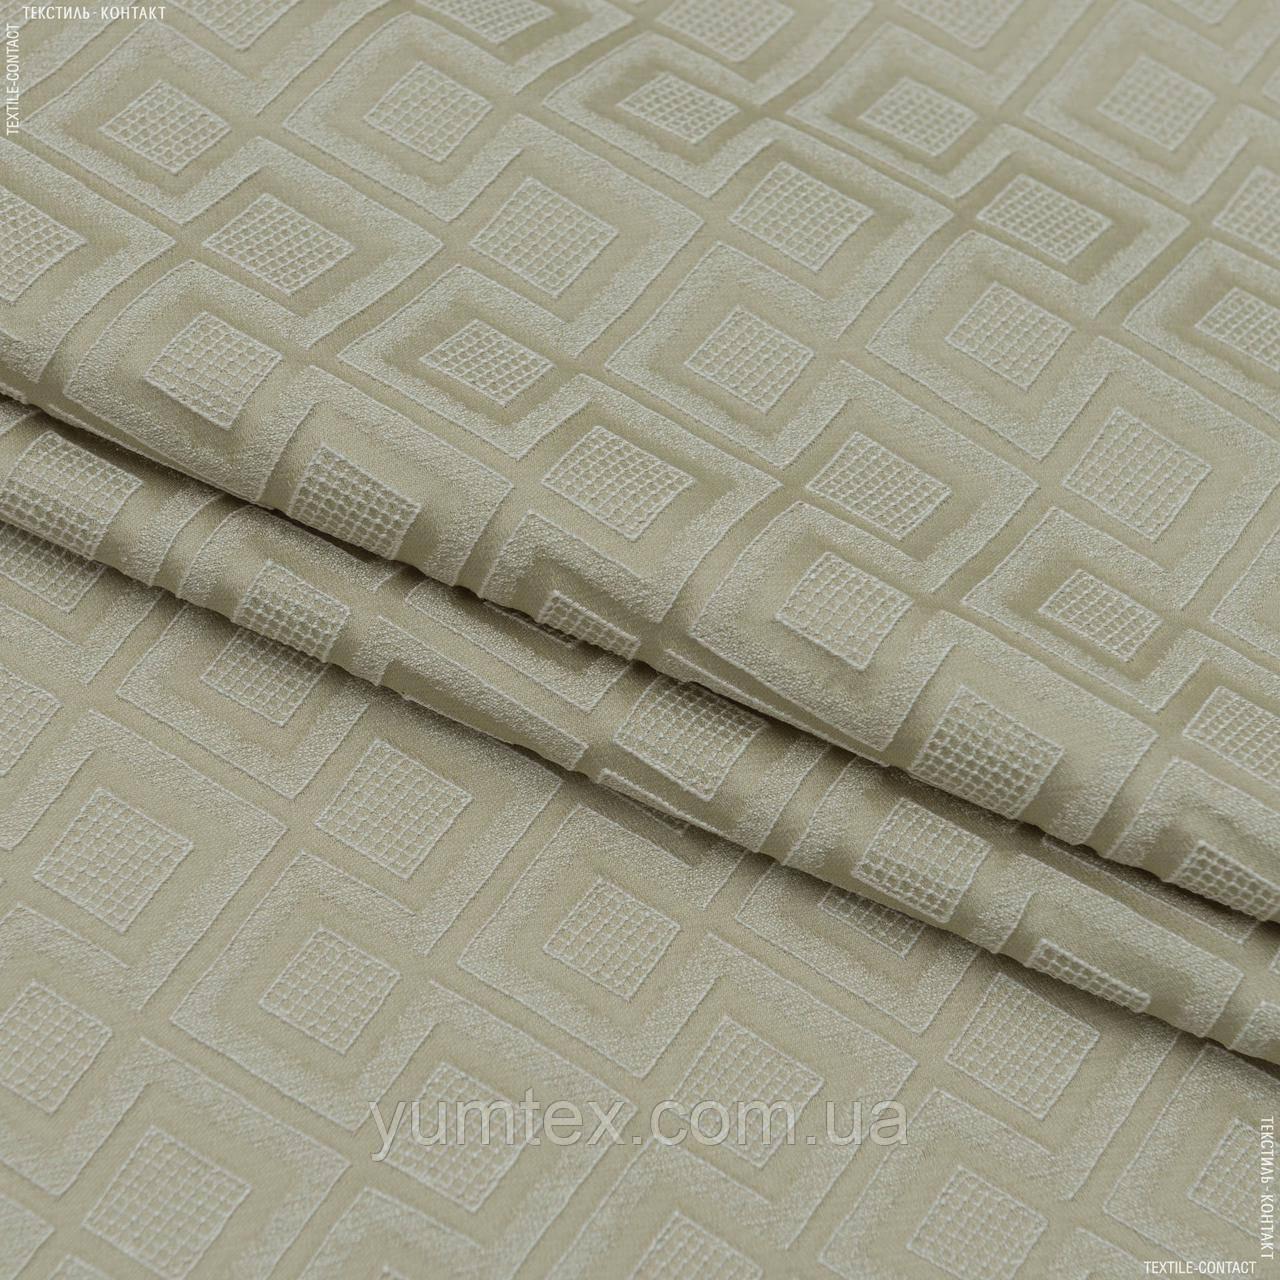 Декоративная ткань дрезден  компаньон ромбик,оливка 147275